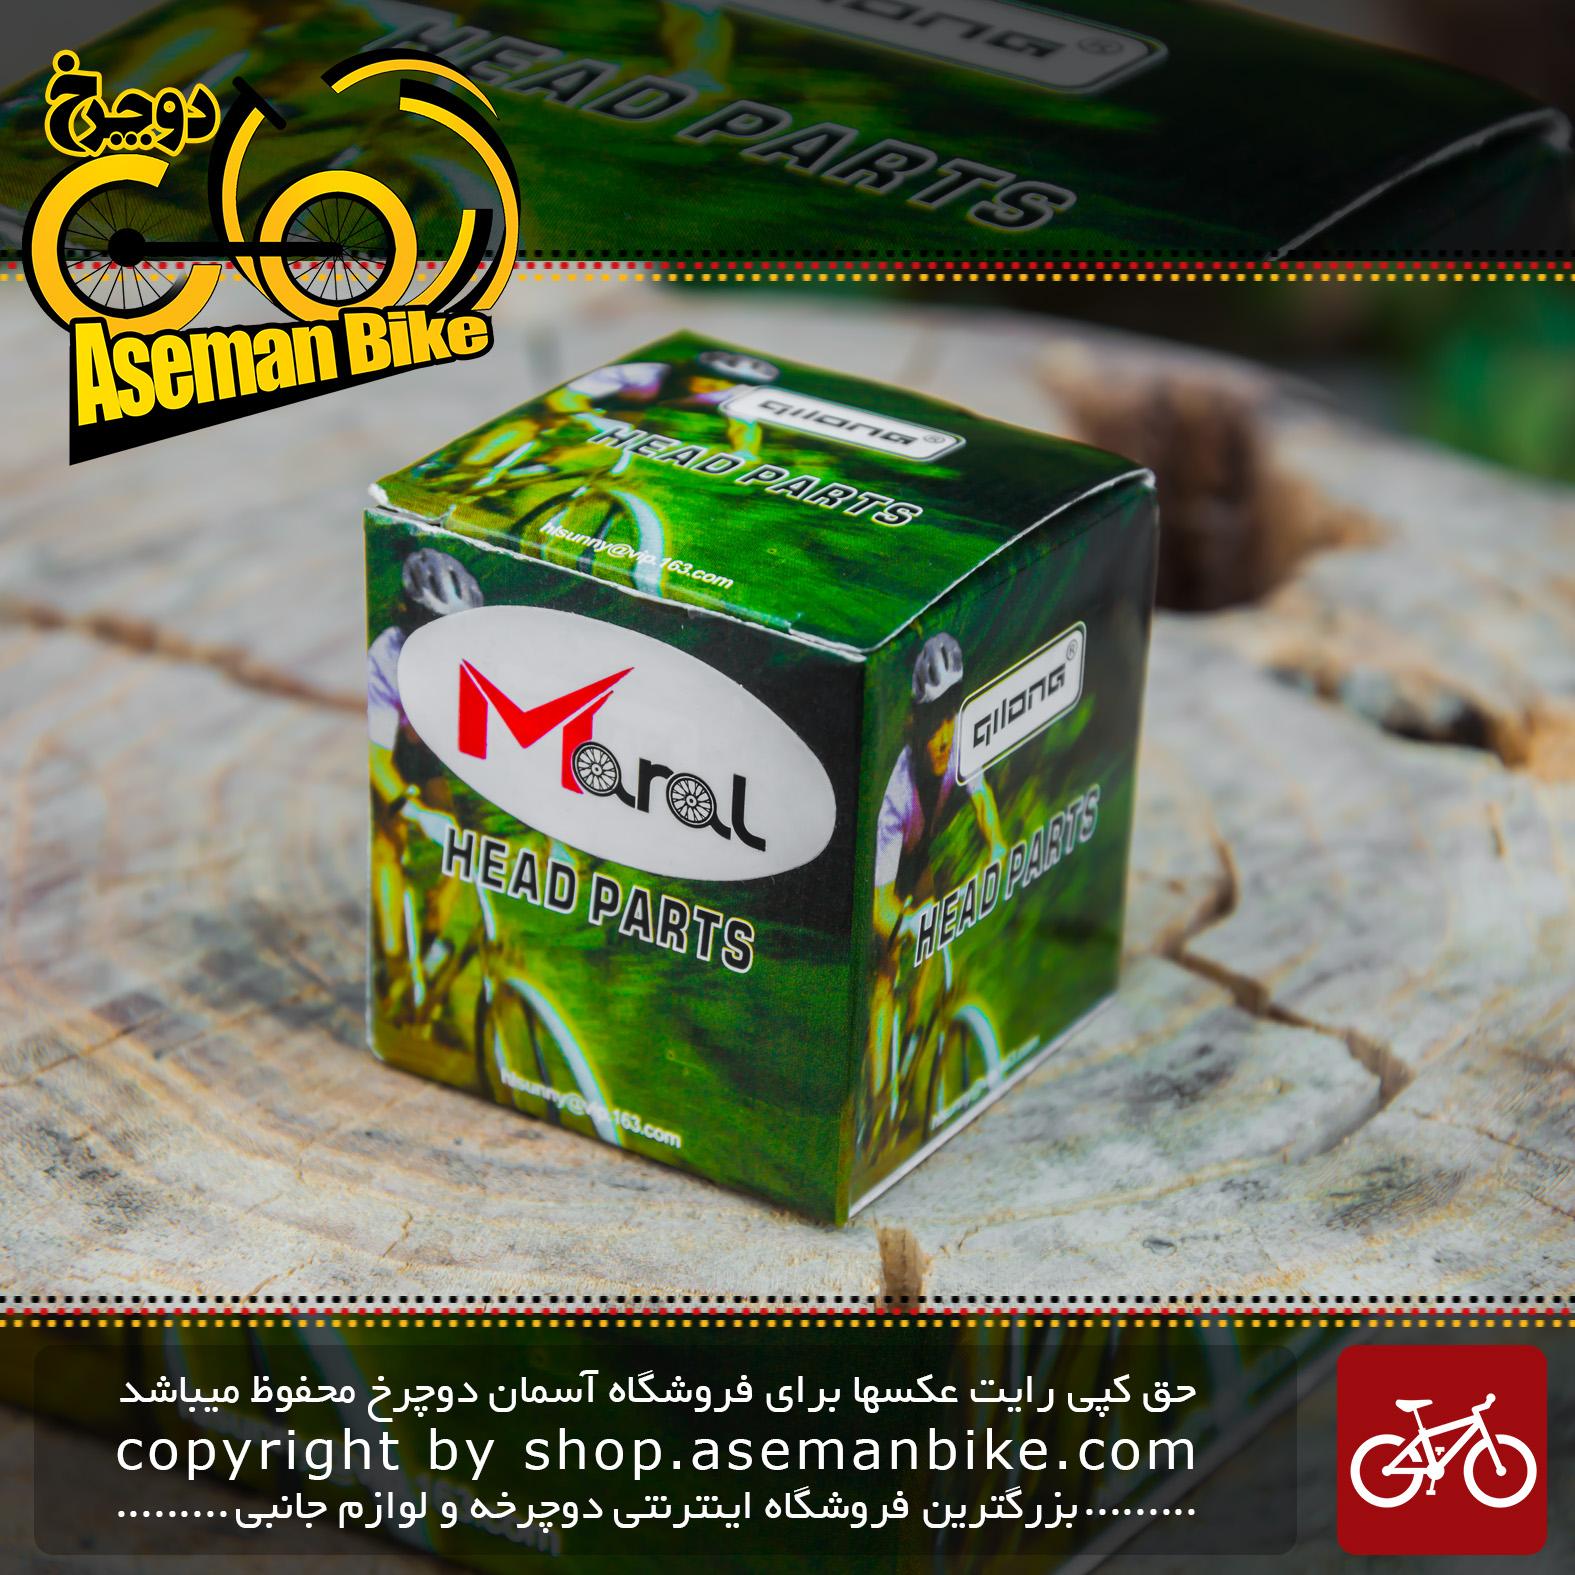 هد ست دوچرخه برند مارال Head Set Bicycle Maral Brand